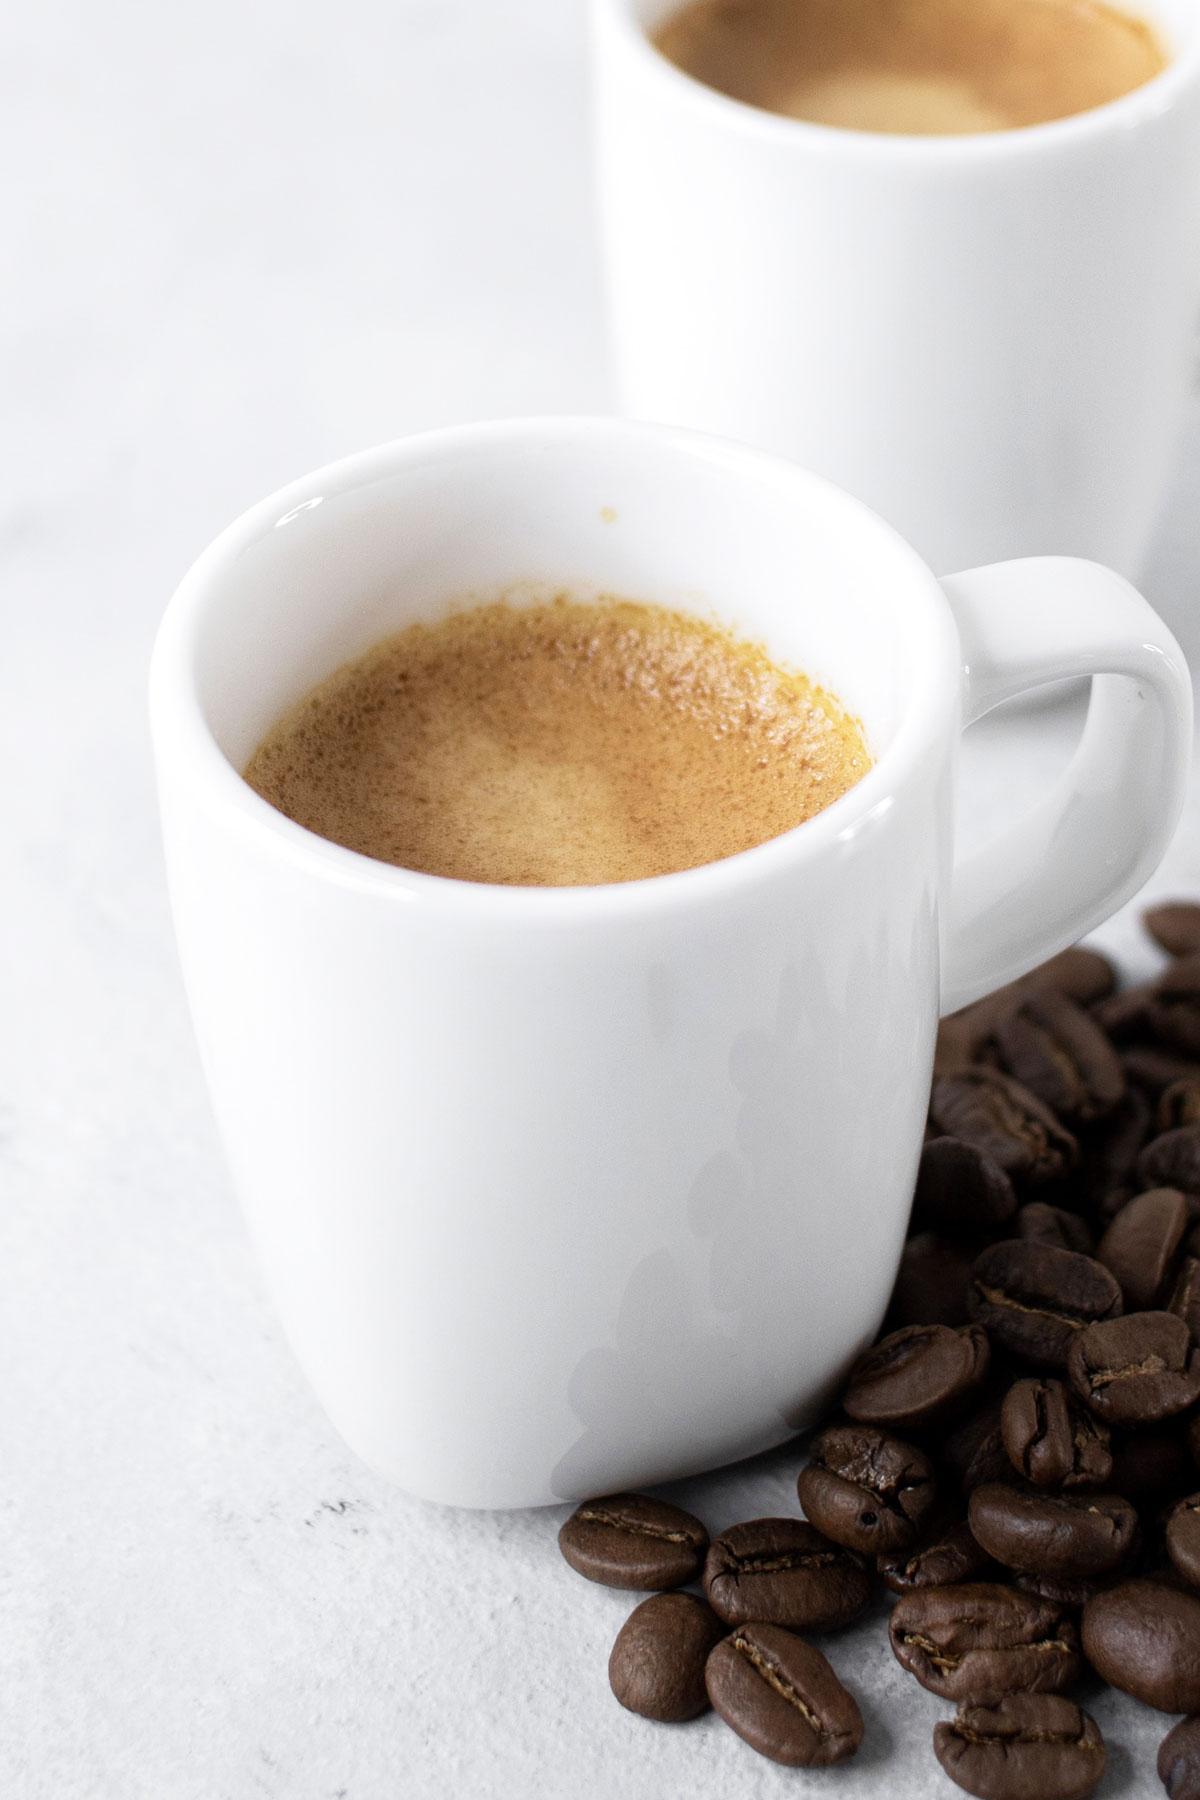 Espresso in small white mugs.